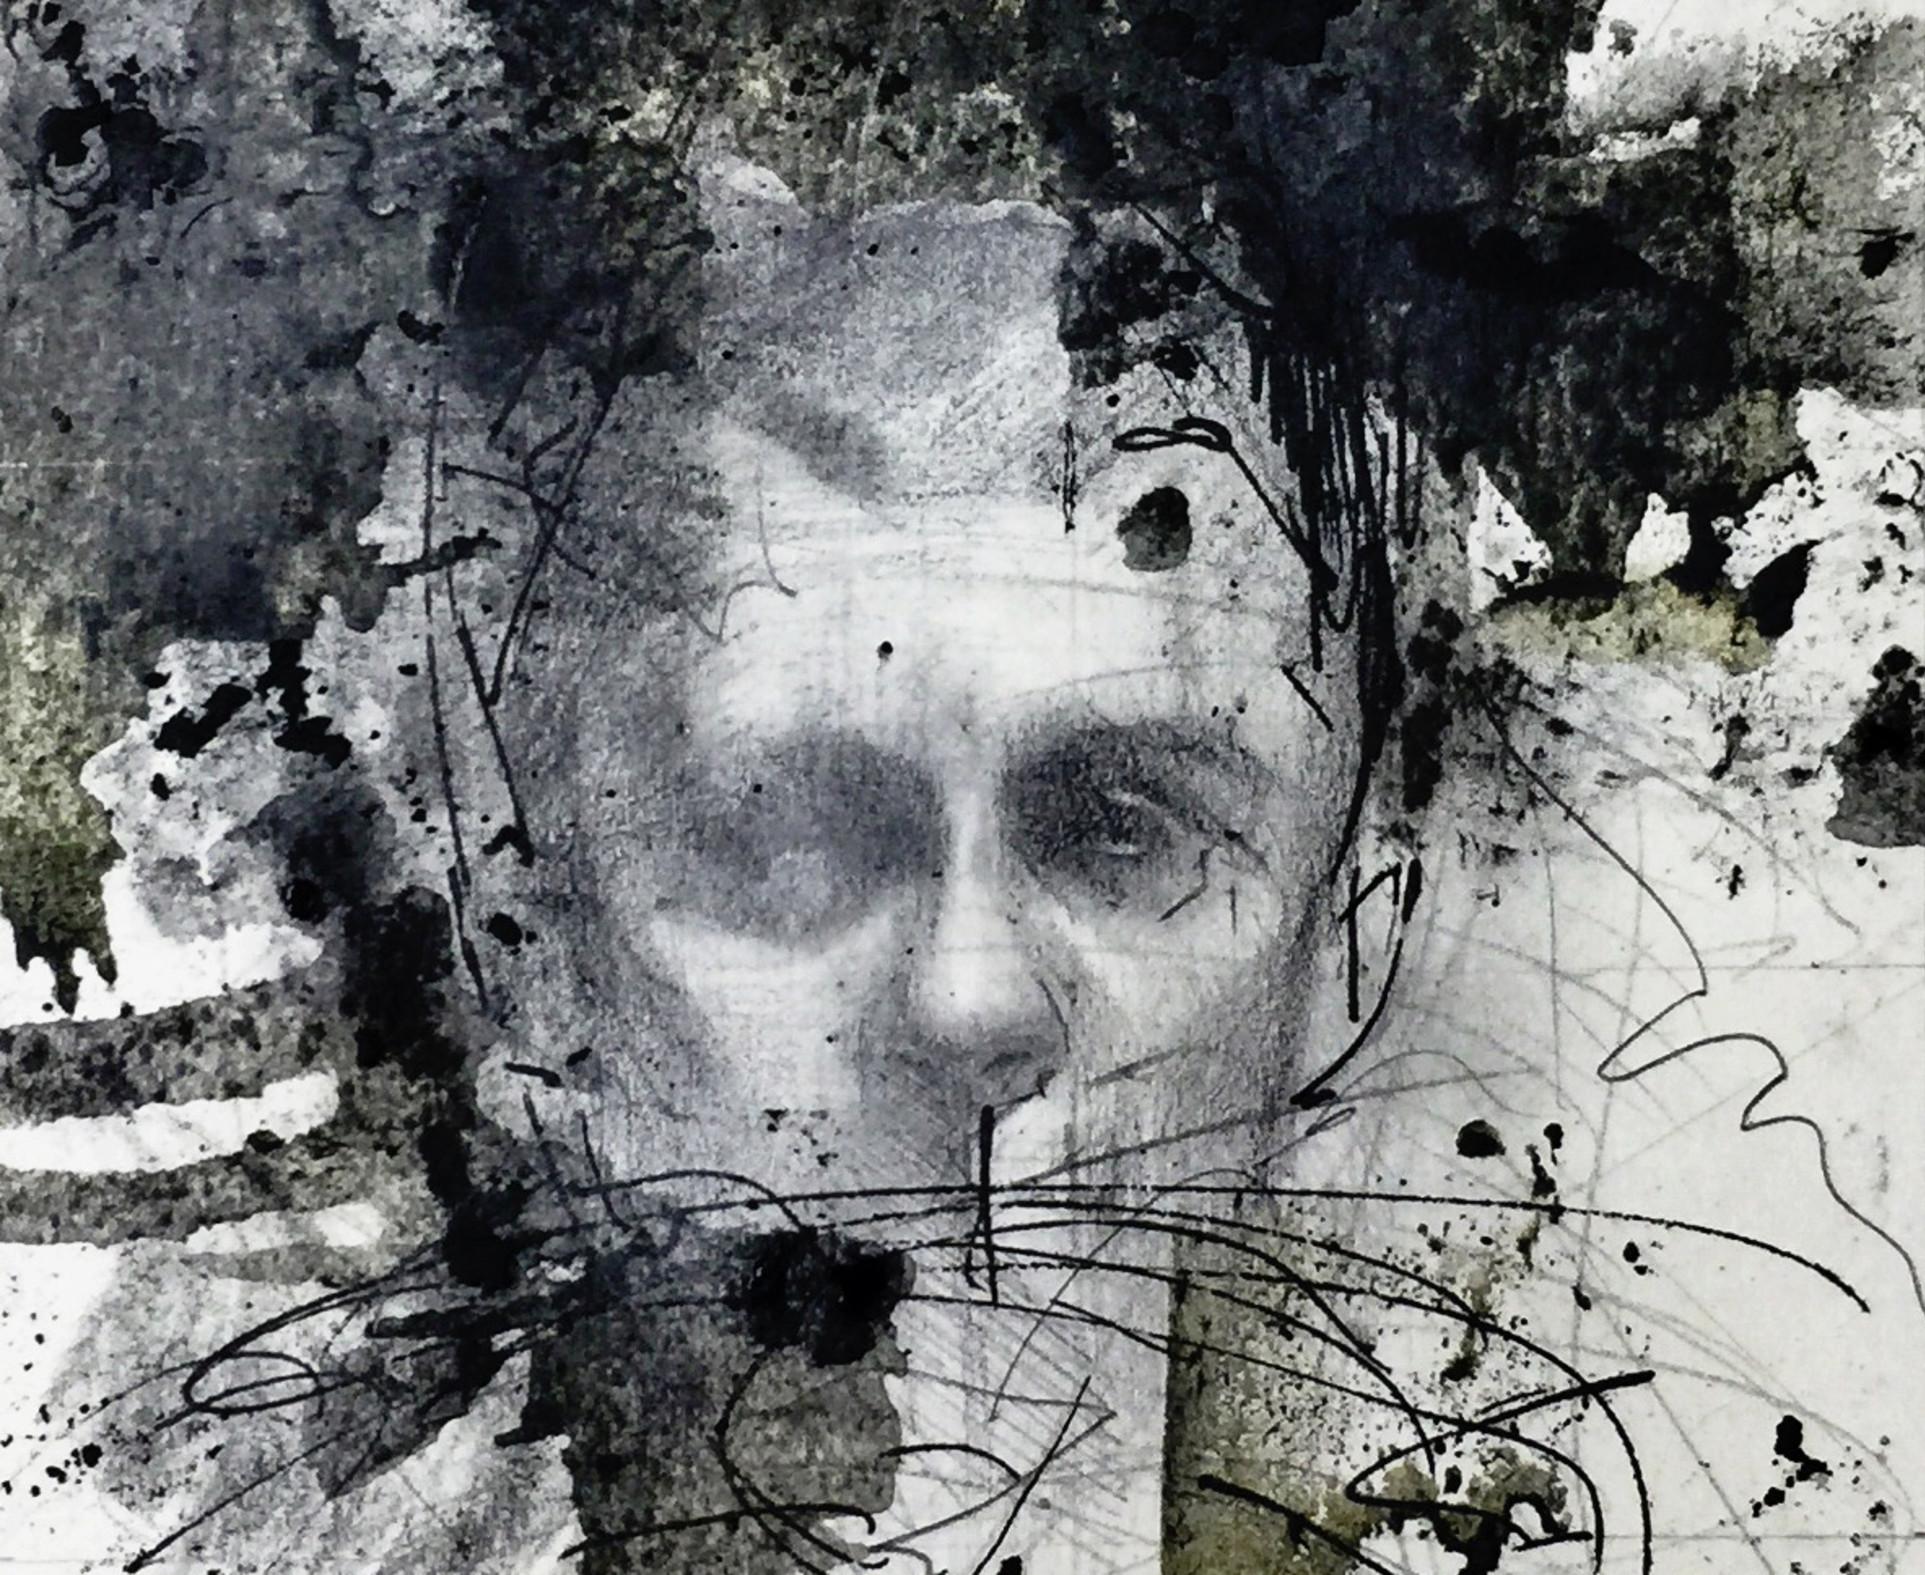 John Wentz, Imprint No. 31, 2015